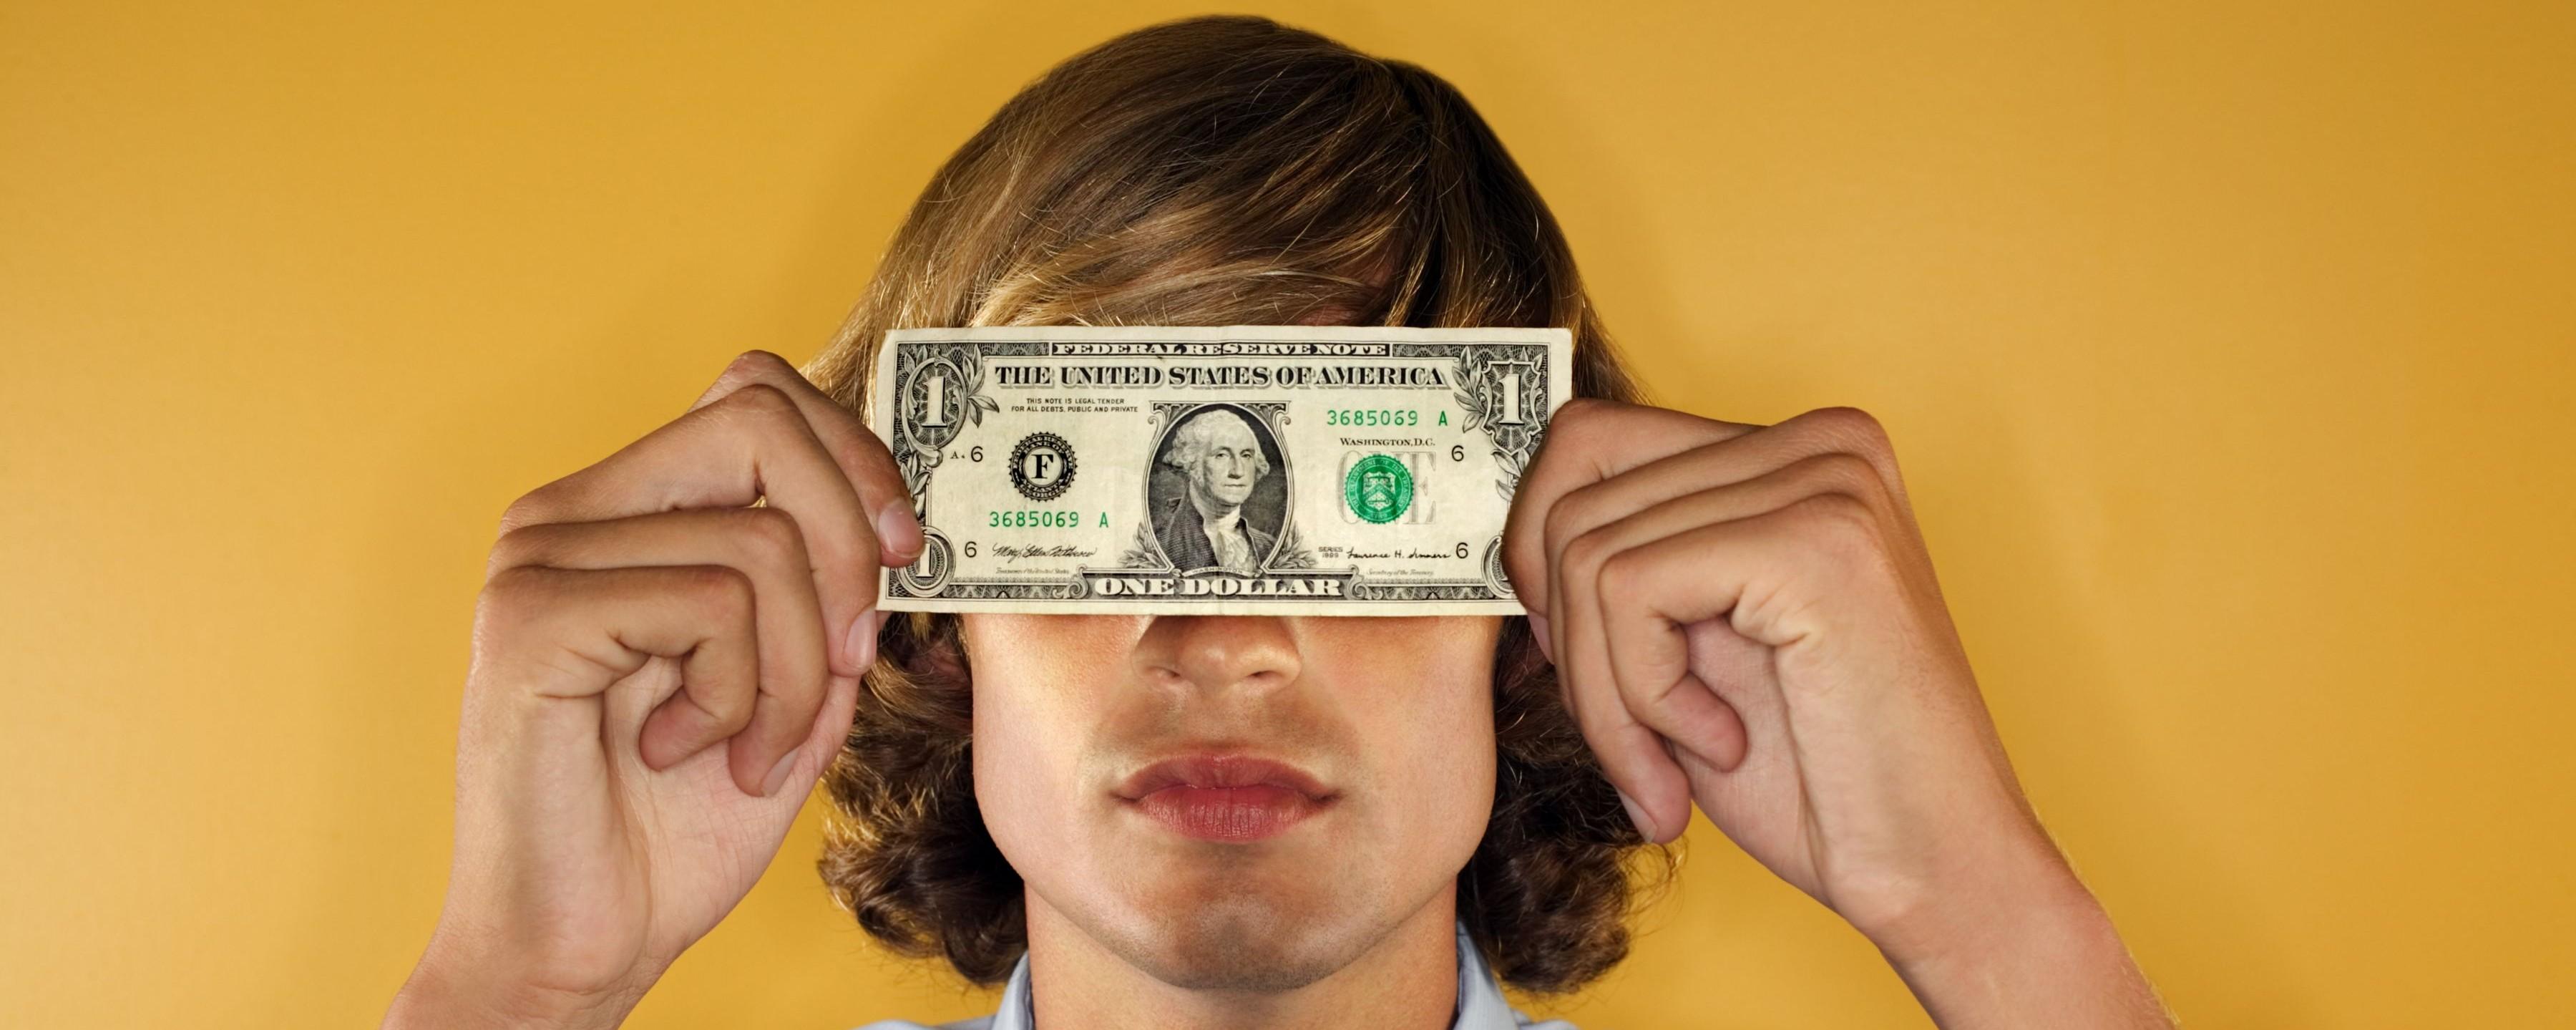 cum să faci bani fără să vorbești cu oamenii